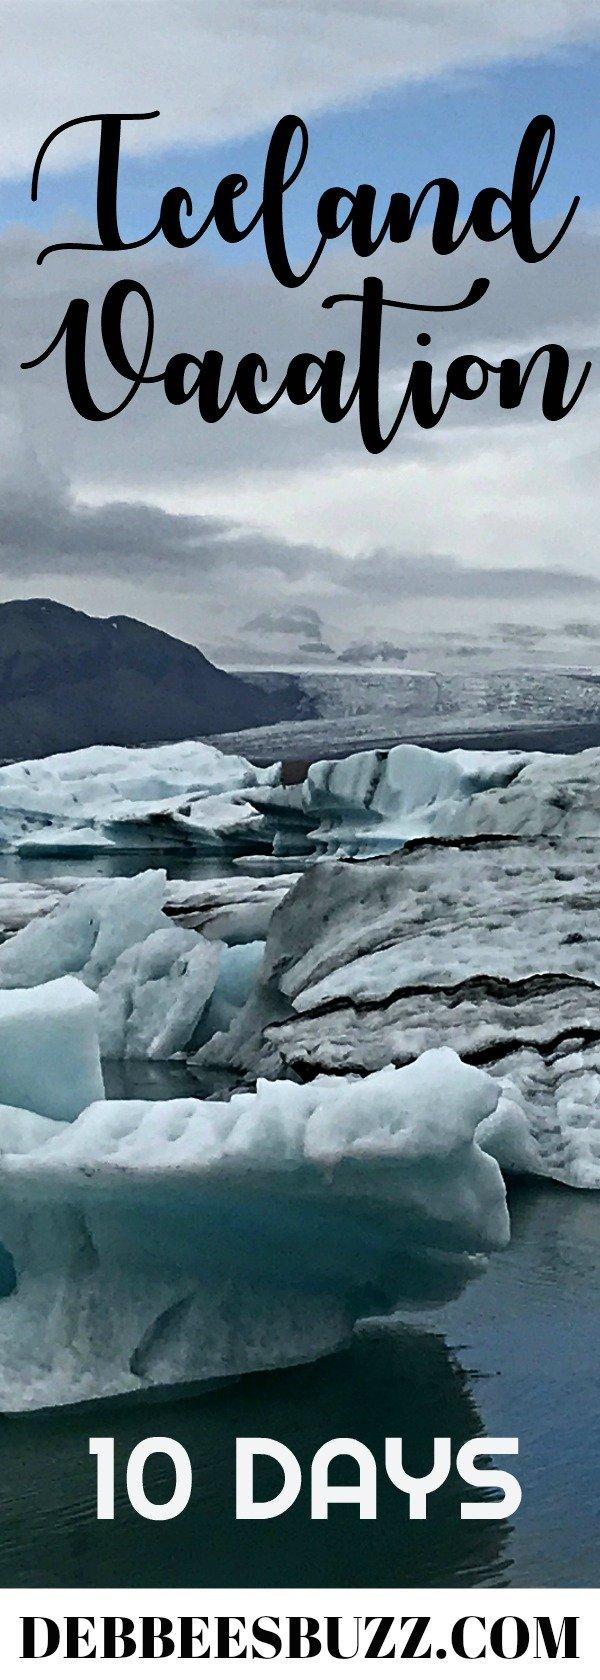 Iceland-vacation-long-pin